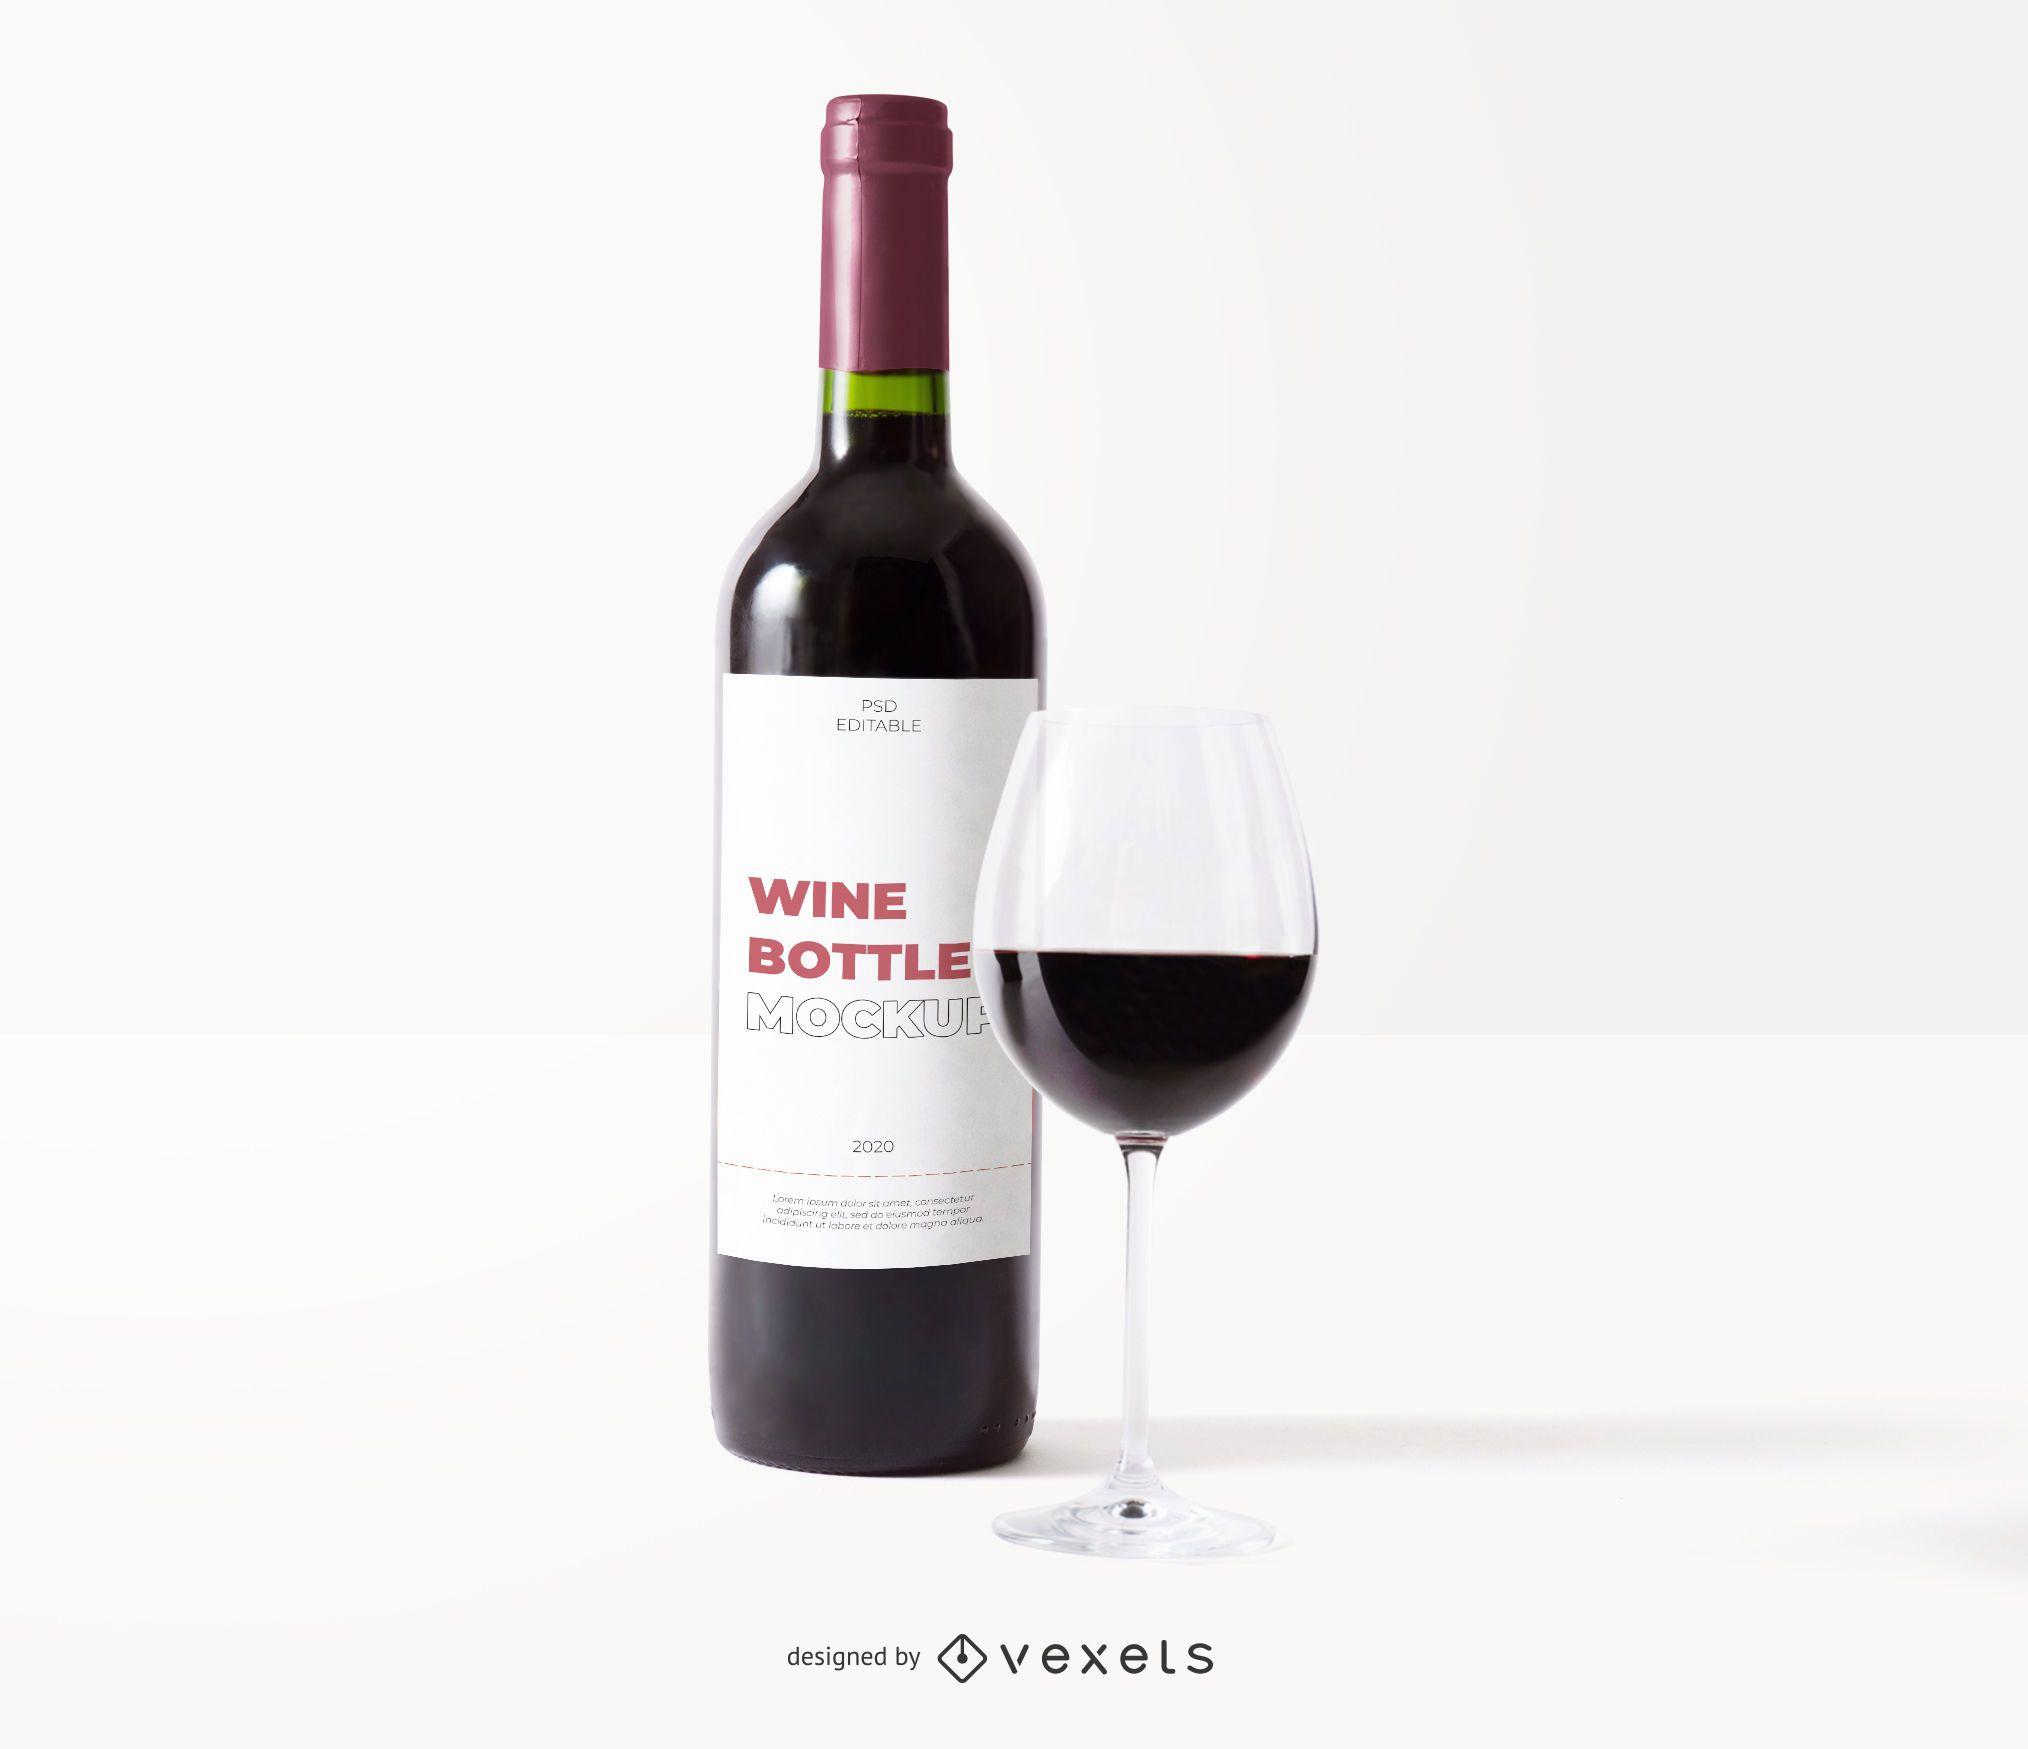 maqueta de vidrio de etiqueta de botella de vino